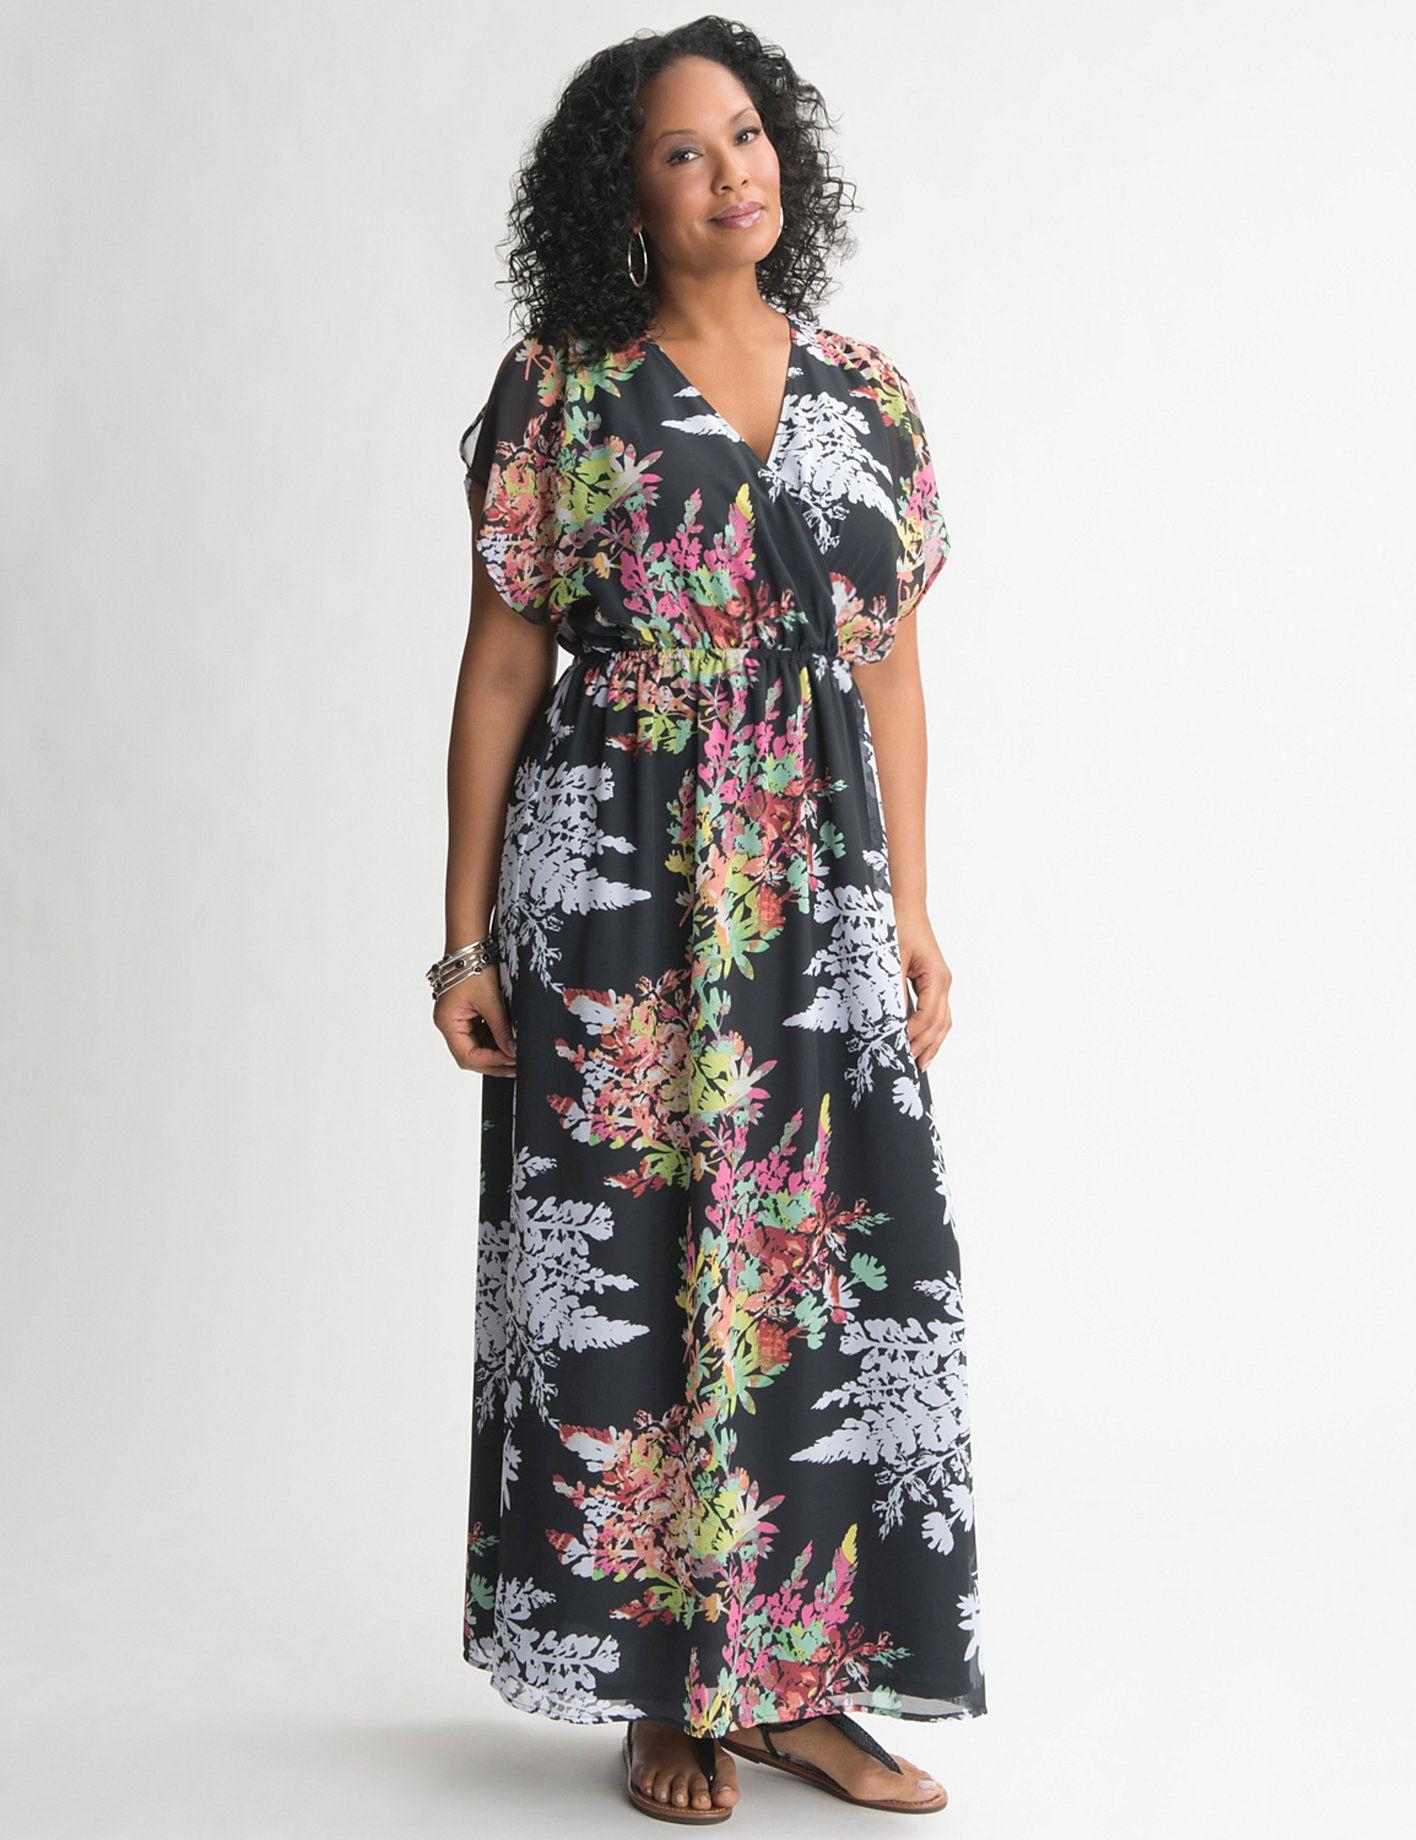 Lane Bryant Floral Chiffon Maxi Dress